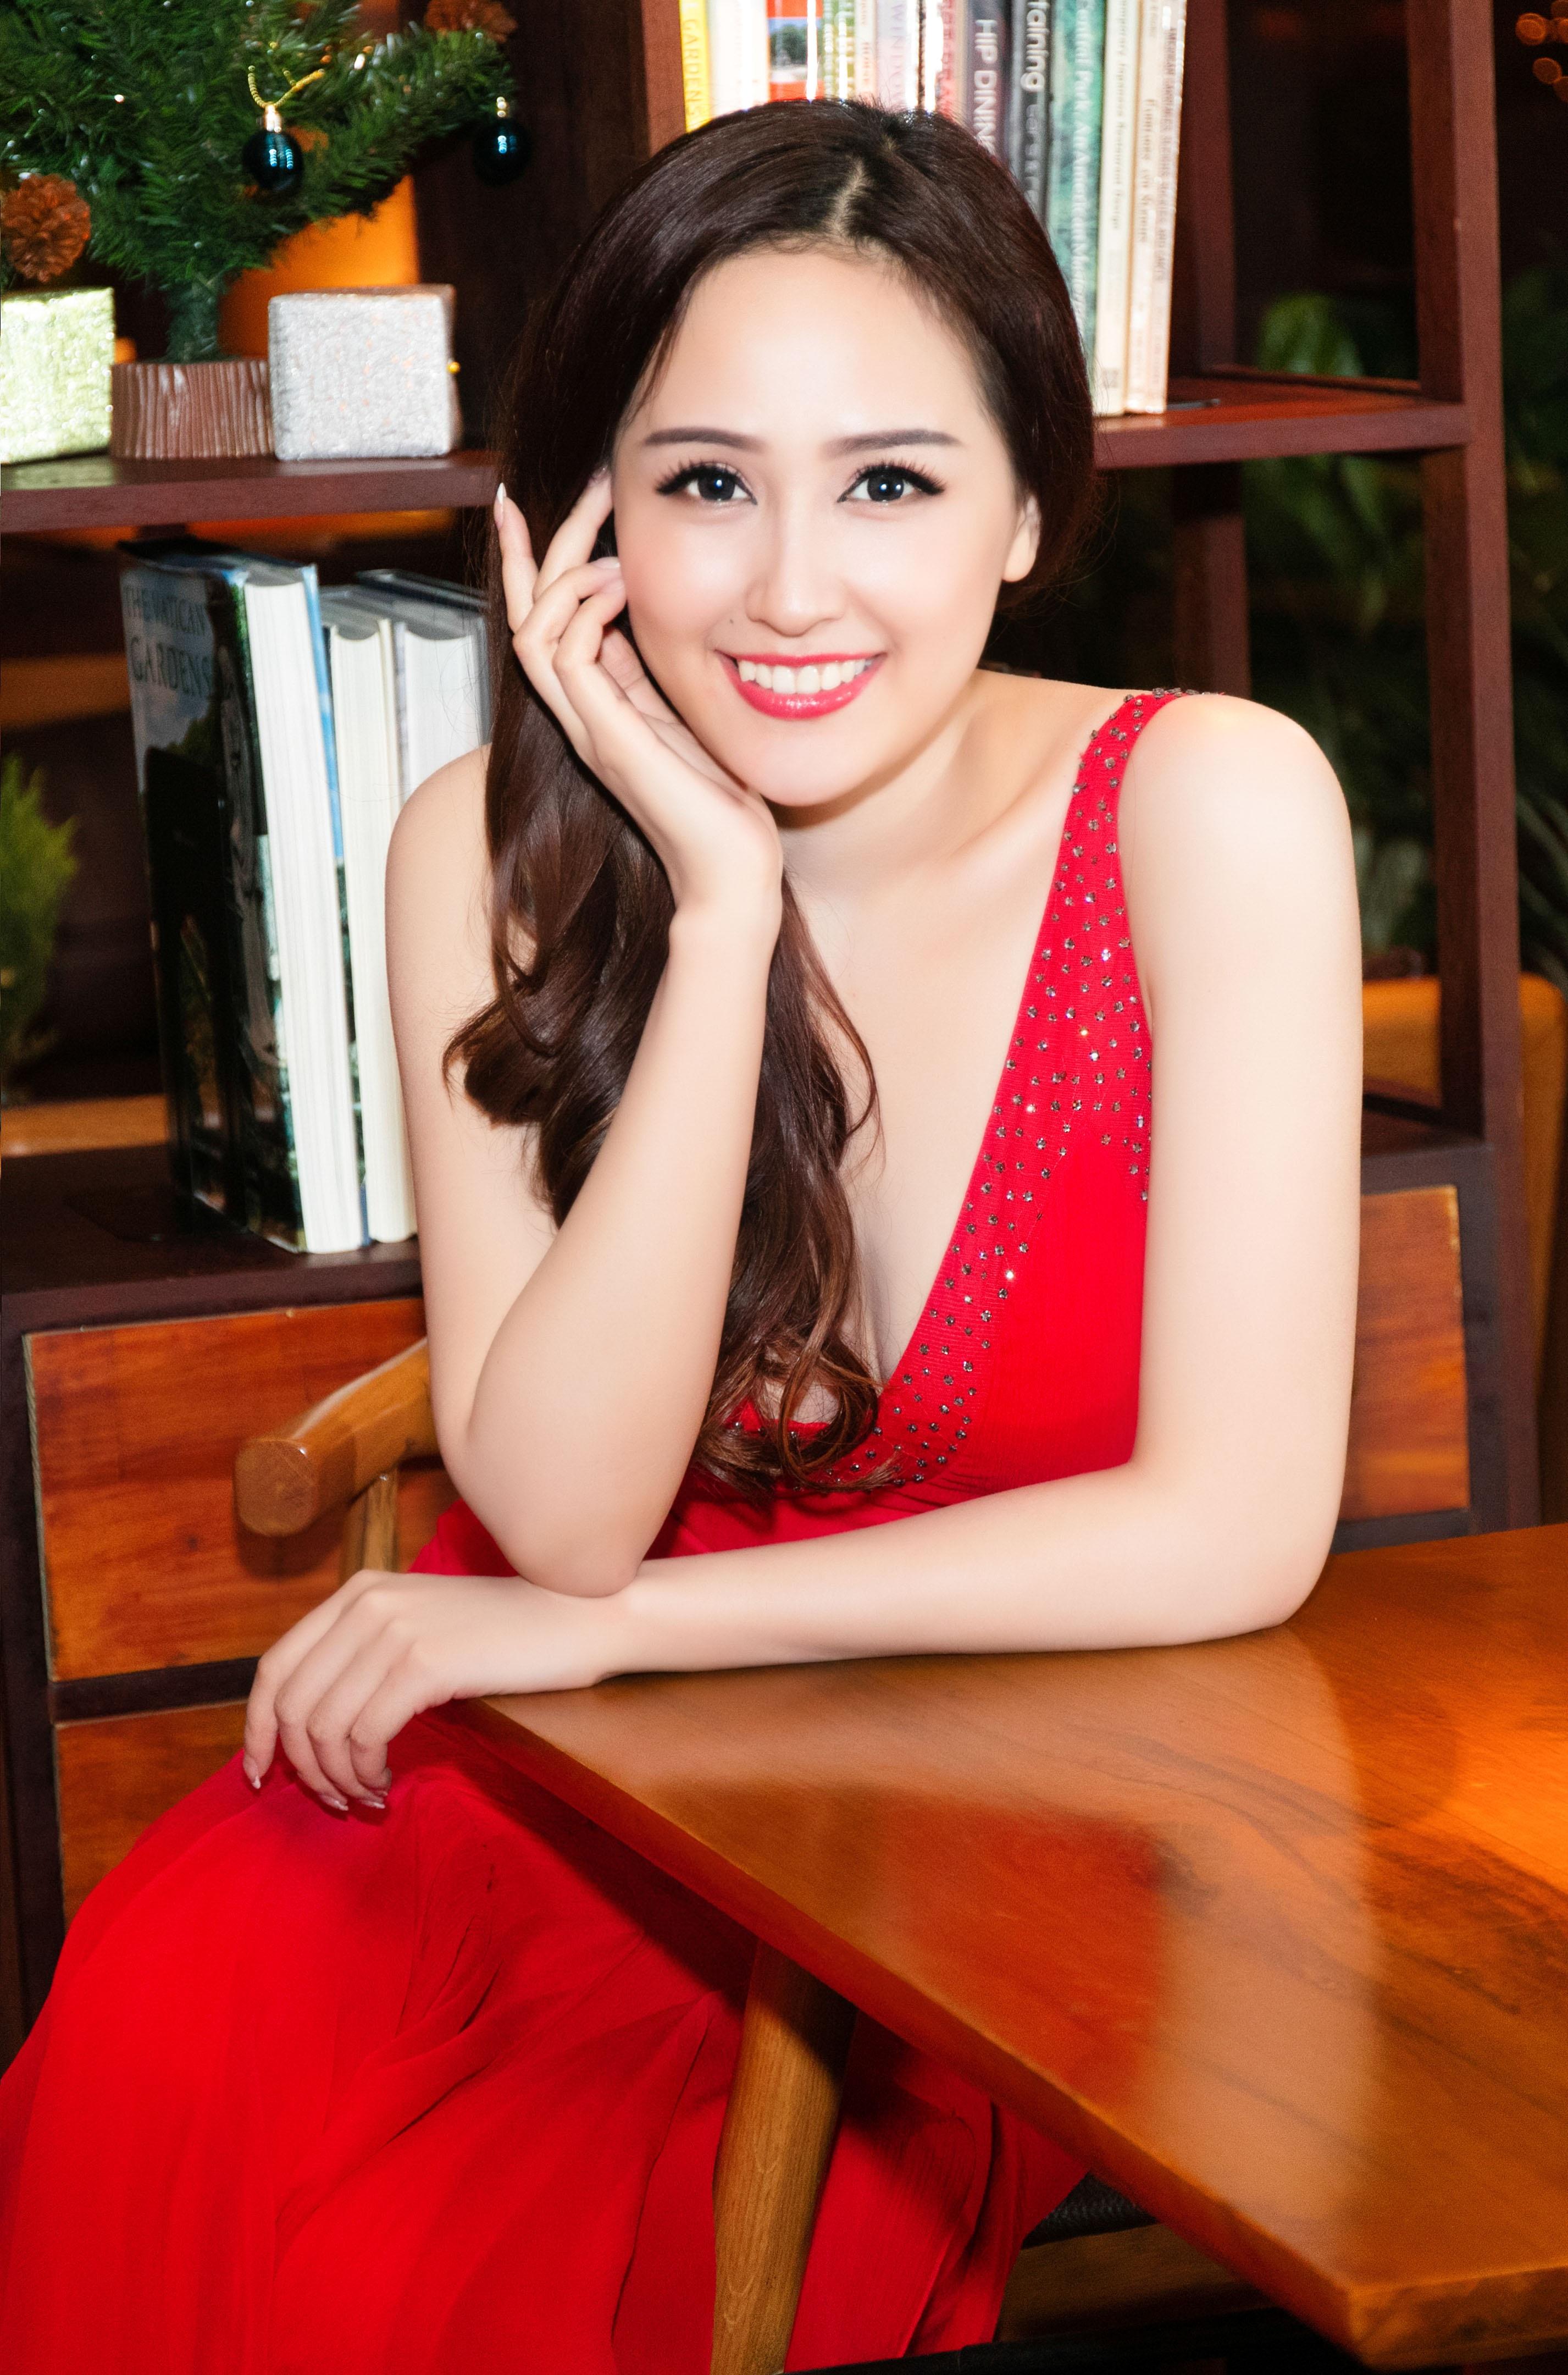 Xuất hiện trong một sự kiện chiều qua, Hoa hậu Mai Phương Thúy nổi bật với nhan sắc xinh đẹp, rạng ngời. Cô diện bộ đầm đỏ khoe vóc dáng căng tròn của thiếu nữ đang ở độ chín muồi của tuổi thanh xuân.